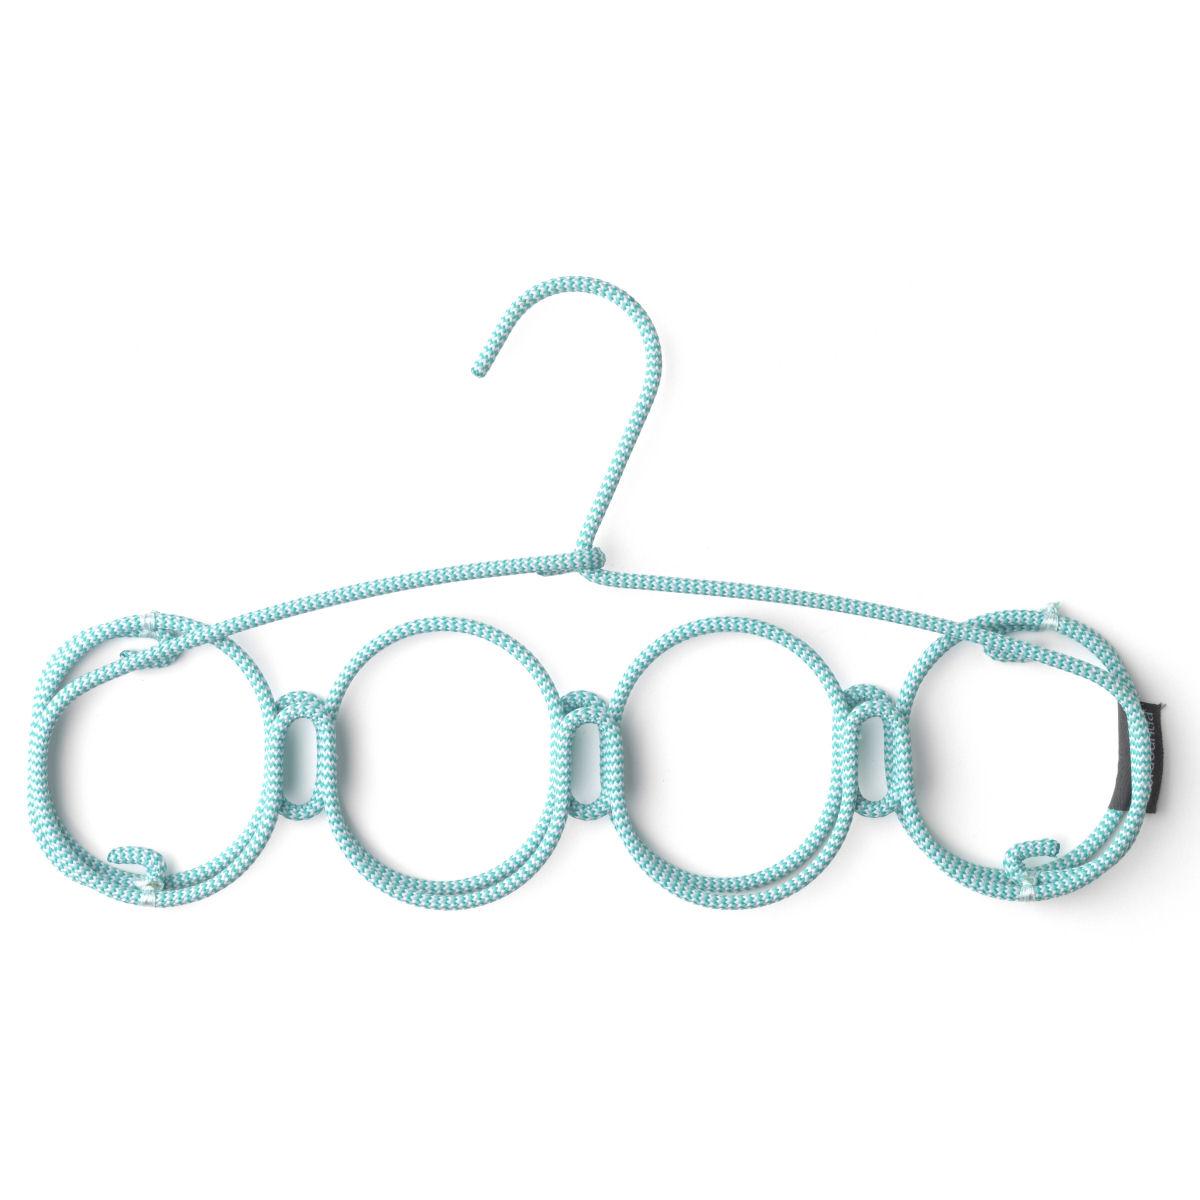 Вешалка для аксессуаров Soft Touch Brabantia, голубой Brabantia 110702 фото 3